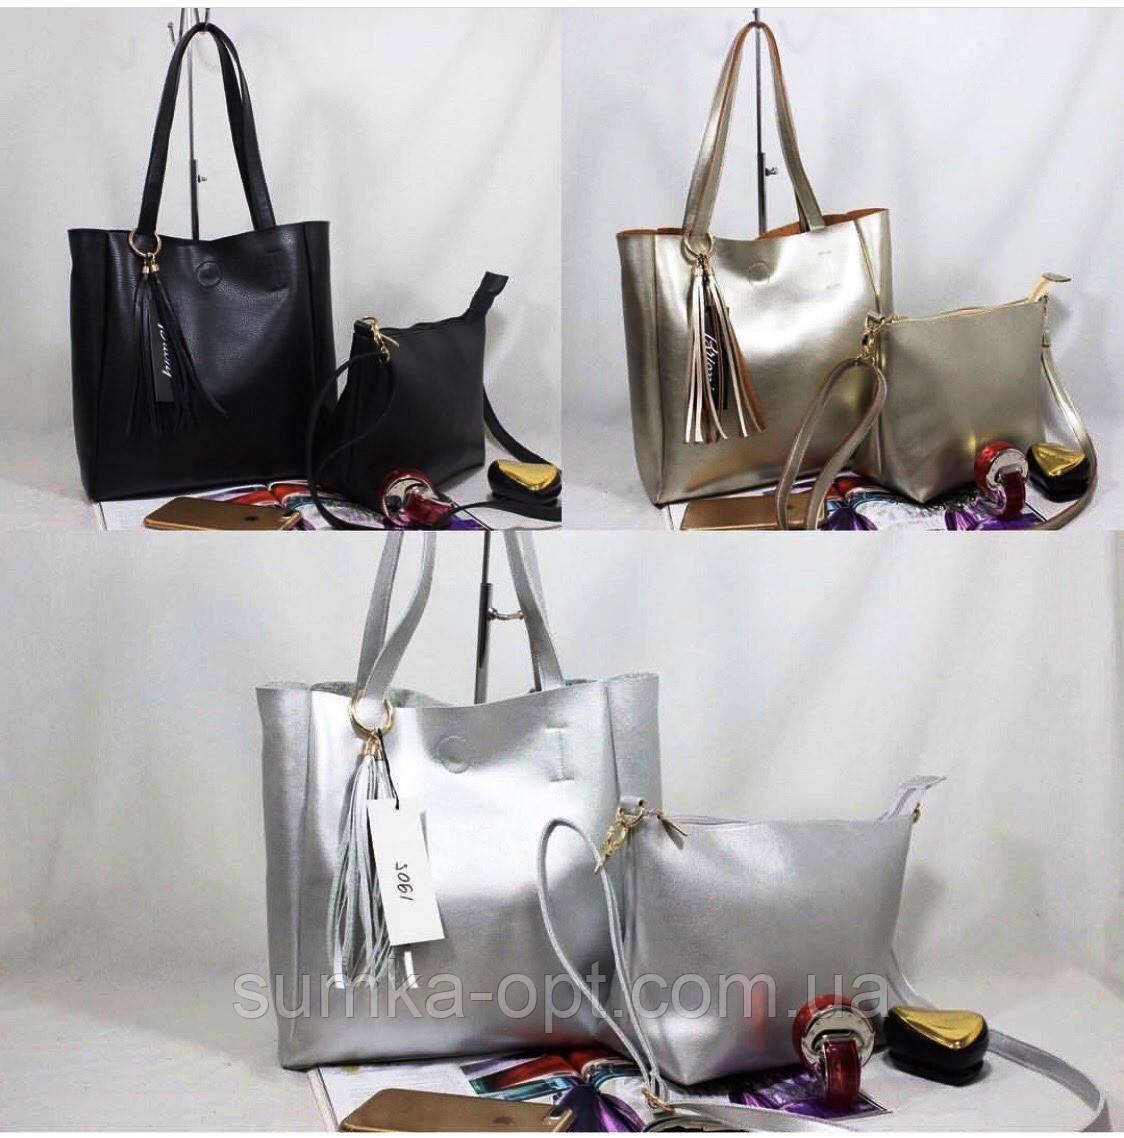 Жіночі сумки 2-в-1 еко шкіра (3 кольори)31*32см